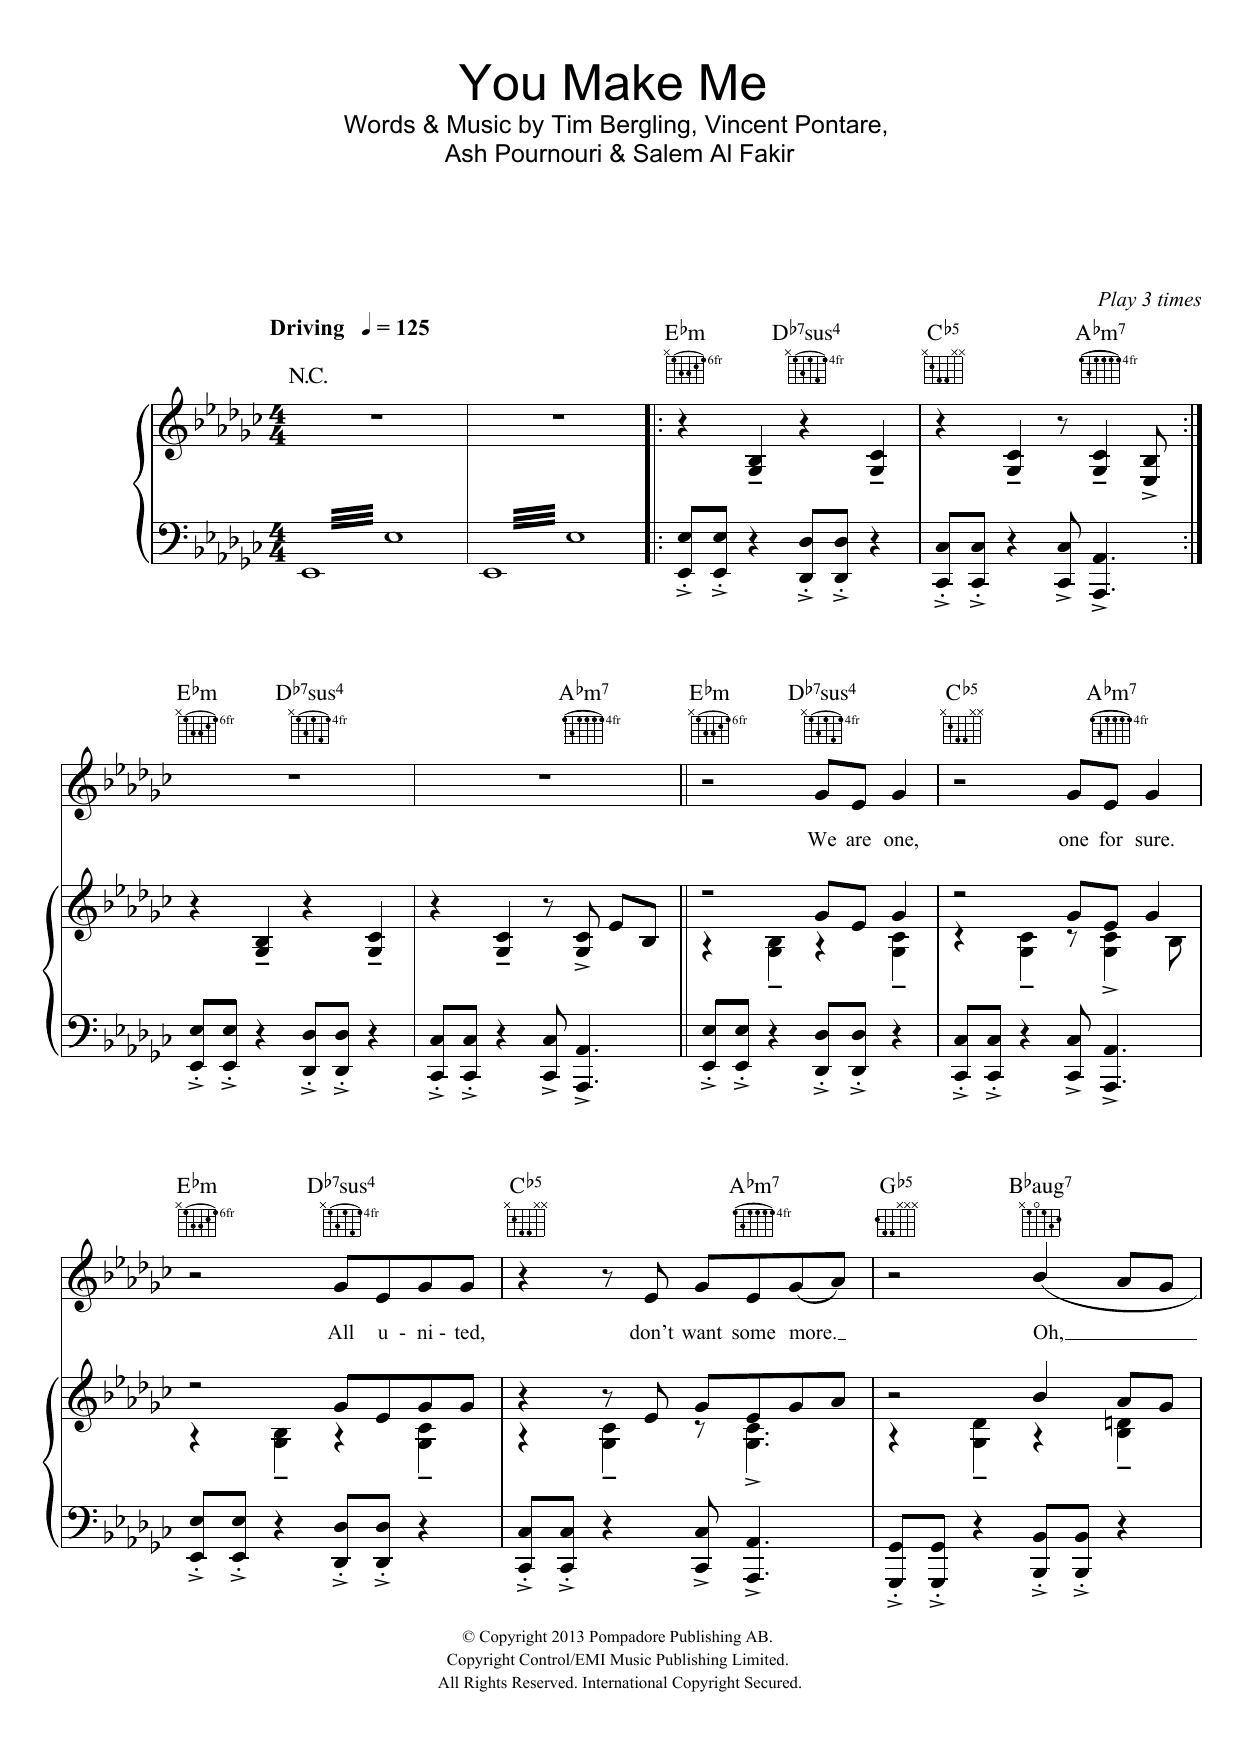 You Make Me (Piano, Vocal & Guitar)